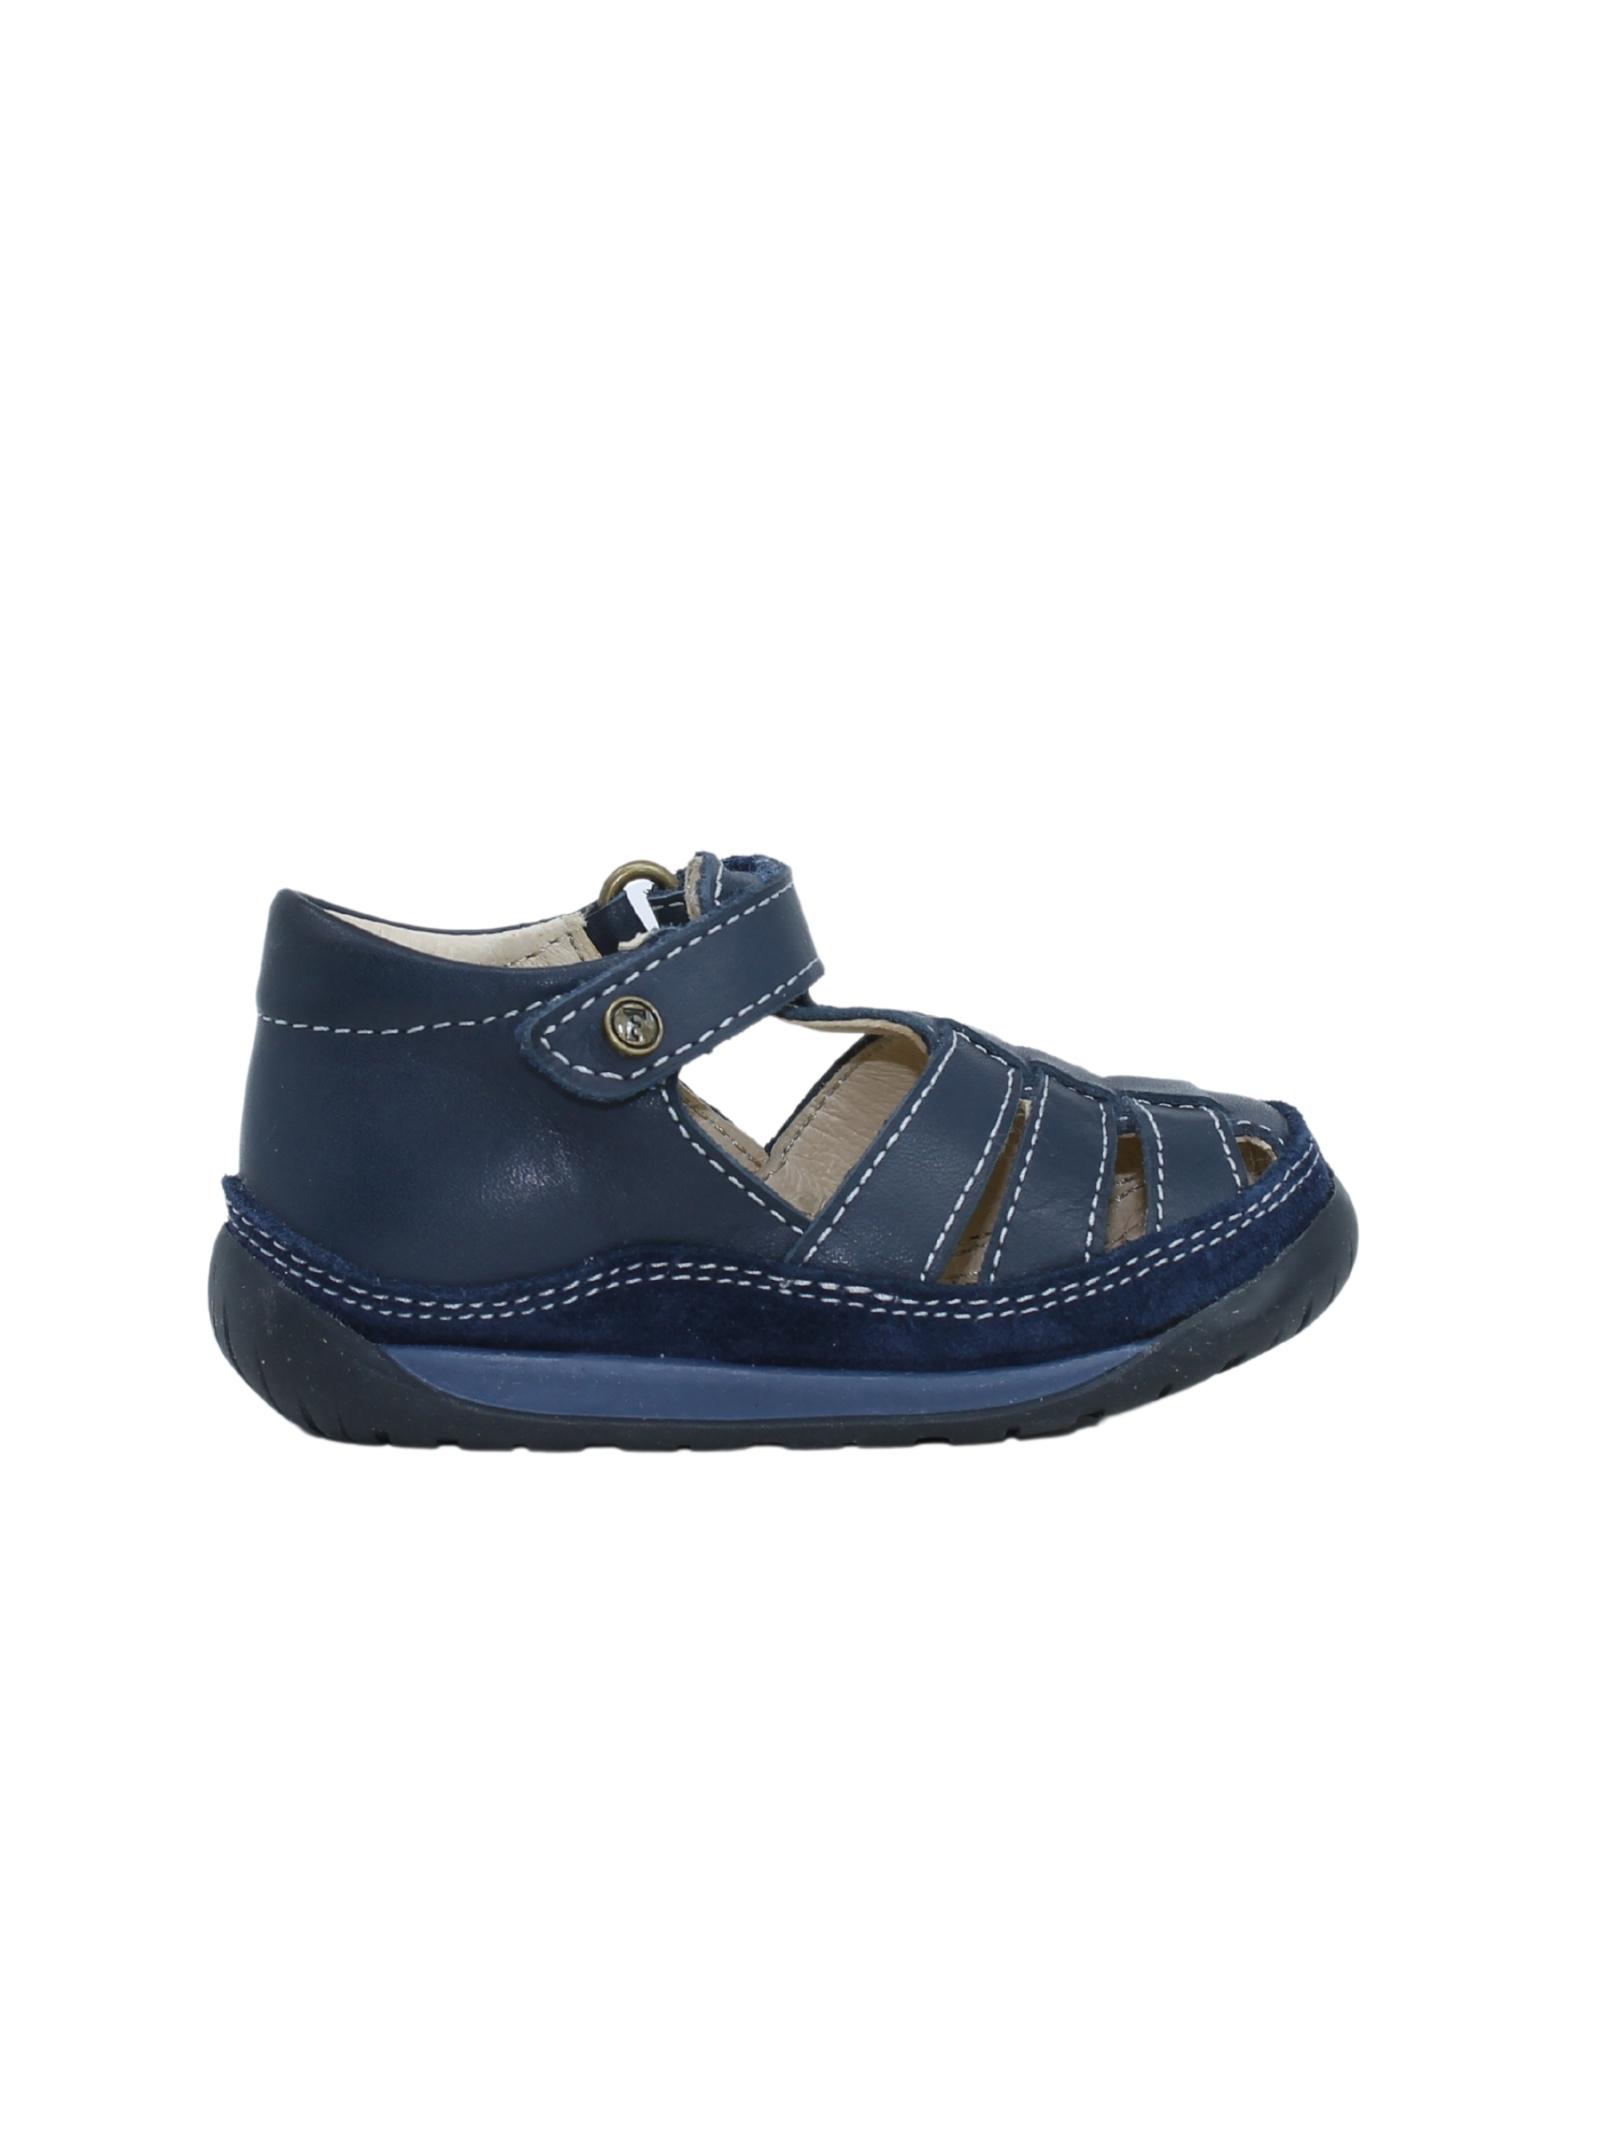 FALCOTTO | closed sandals | 15007260C02